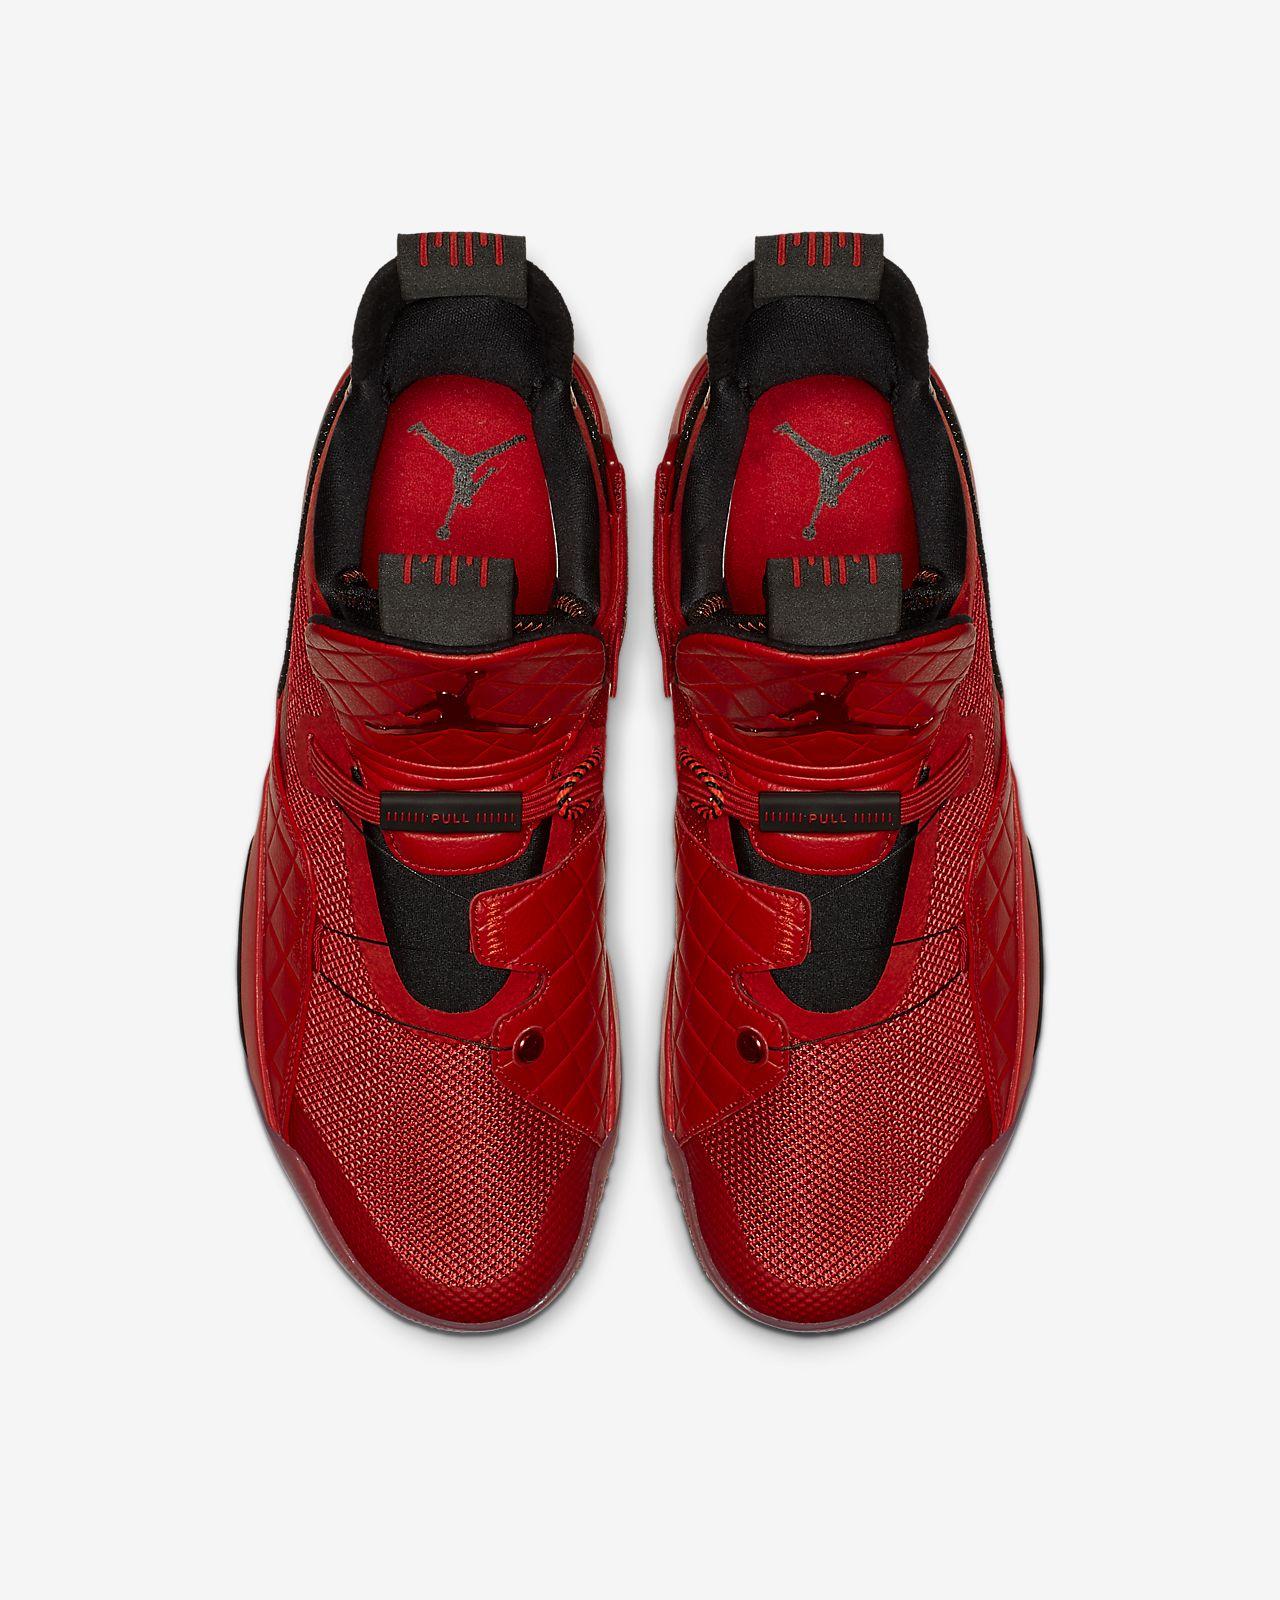 detailing deebc d89c8 Low Resolution Air Jordan XXXIII Basketball Shoe Air Jordan XXXIII  Basketball Shoe